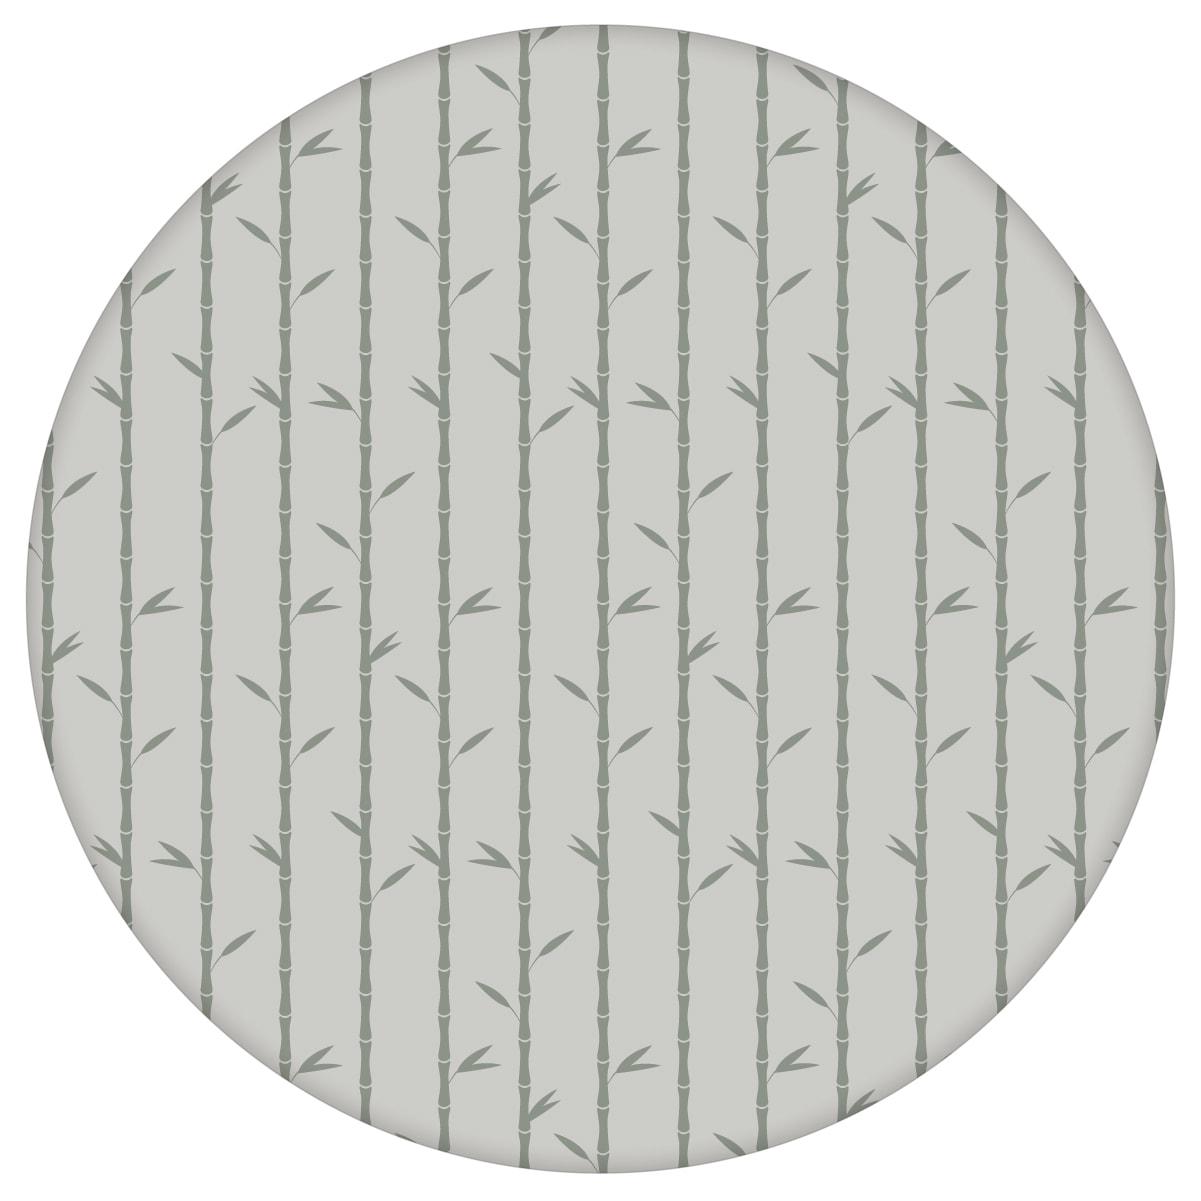 """Grau olive Tapete """"Bamboo Garden"""" mit grafischem Bambus, Vlies-Tapete für Wohnzimmeraus dem GMM-BERLIN.com Sortiment: schwarze Tapete zur Raumgestaltung: #00163 #Bambus #blumen #Blumentapete #grafisch #grau #Graue Tapeten #Natur #oliv #streifen #Wohnzimmer für individuelles Interiordesign"""